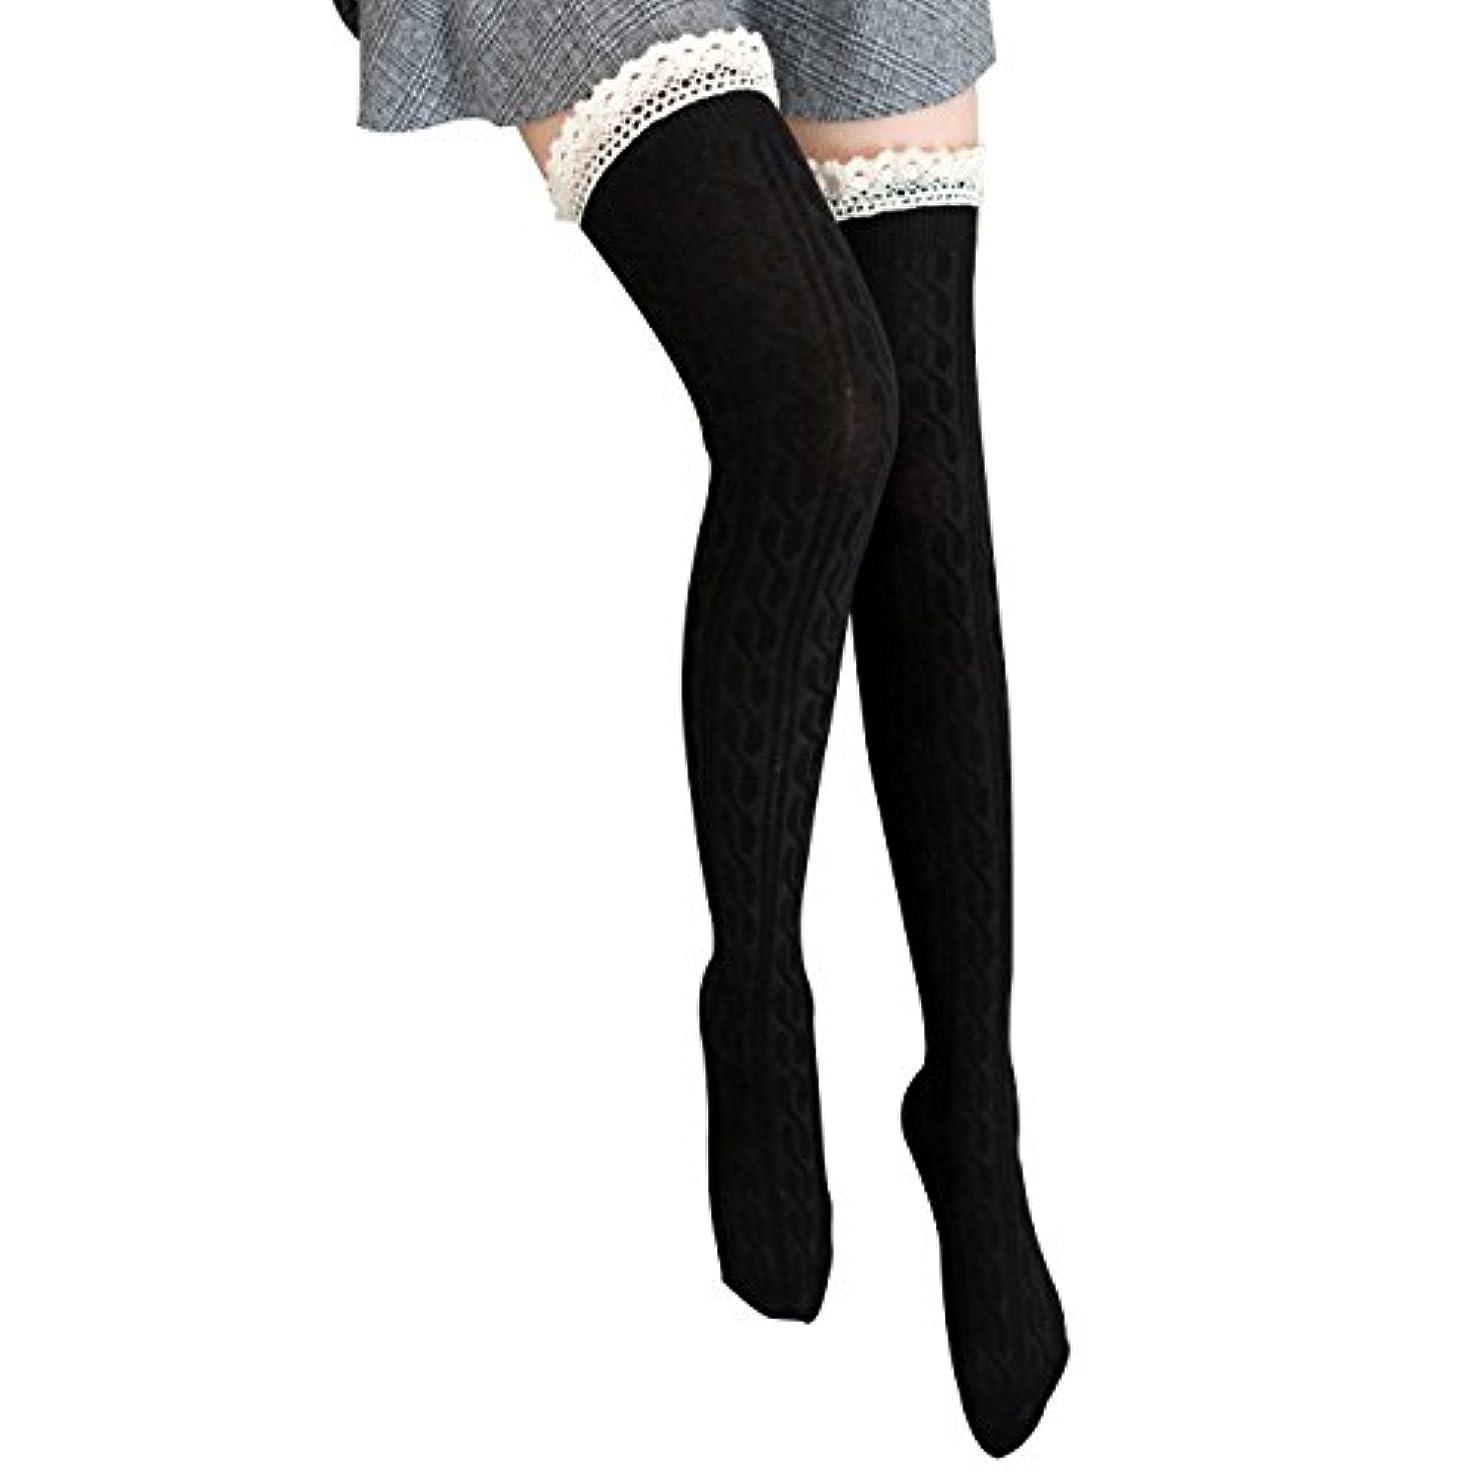 入札ダーベビルのテスズームオーバーニーソックス 美脚 着圧 スッキリ サイハイソックス ニーハイ ストッキング ロングソックス レディース 靴下 かわいい